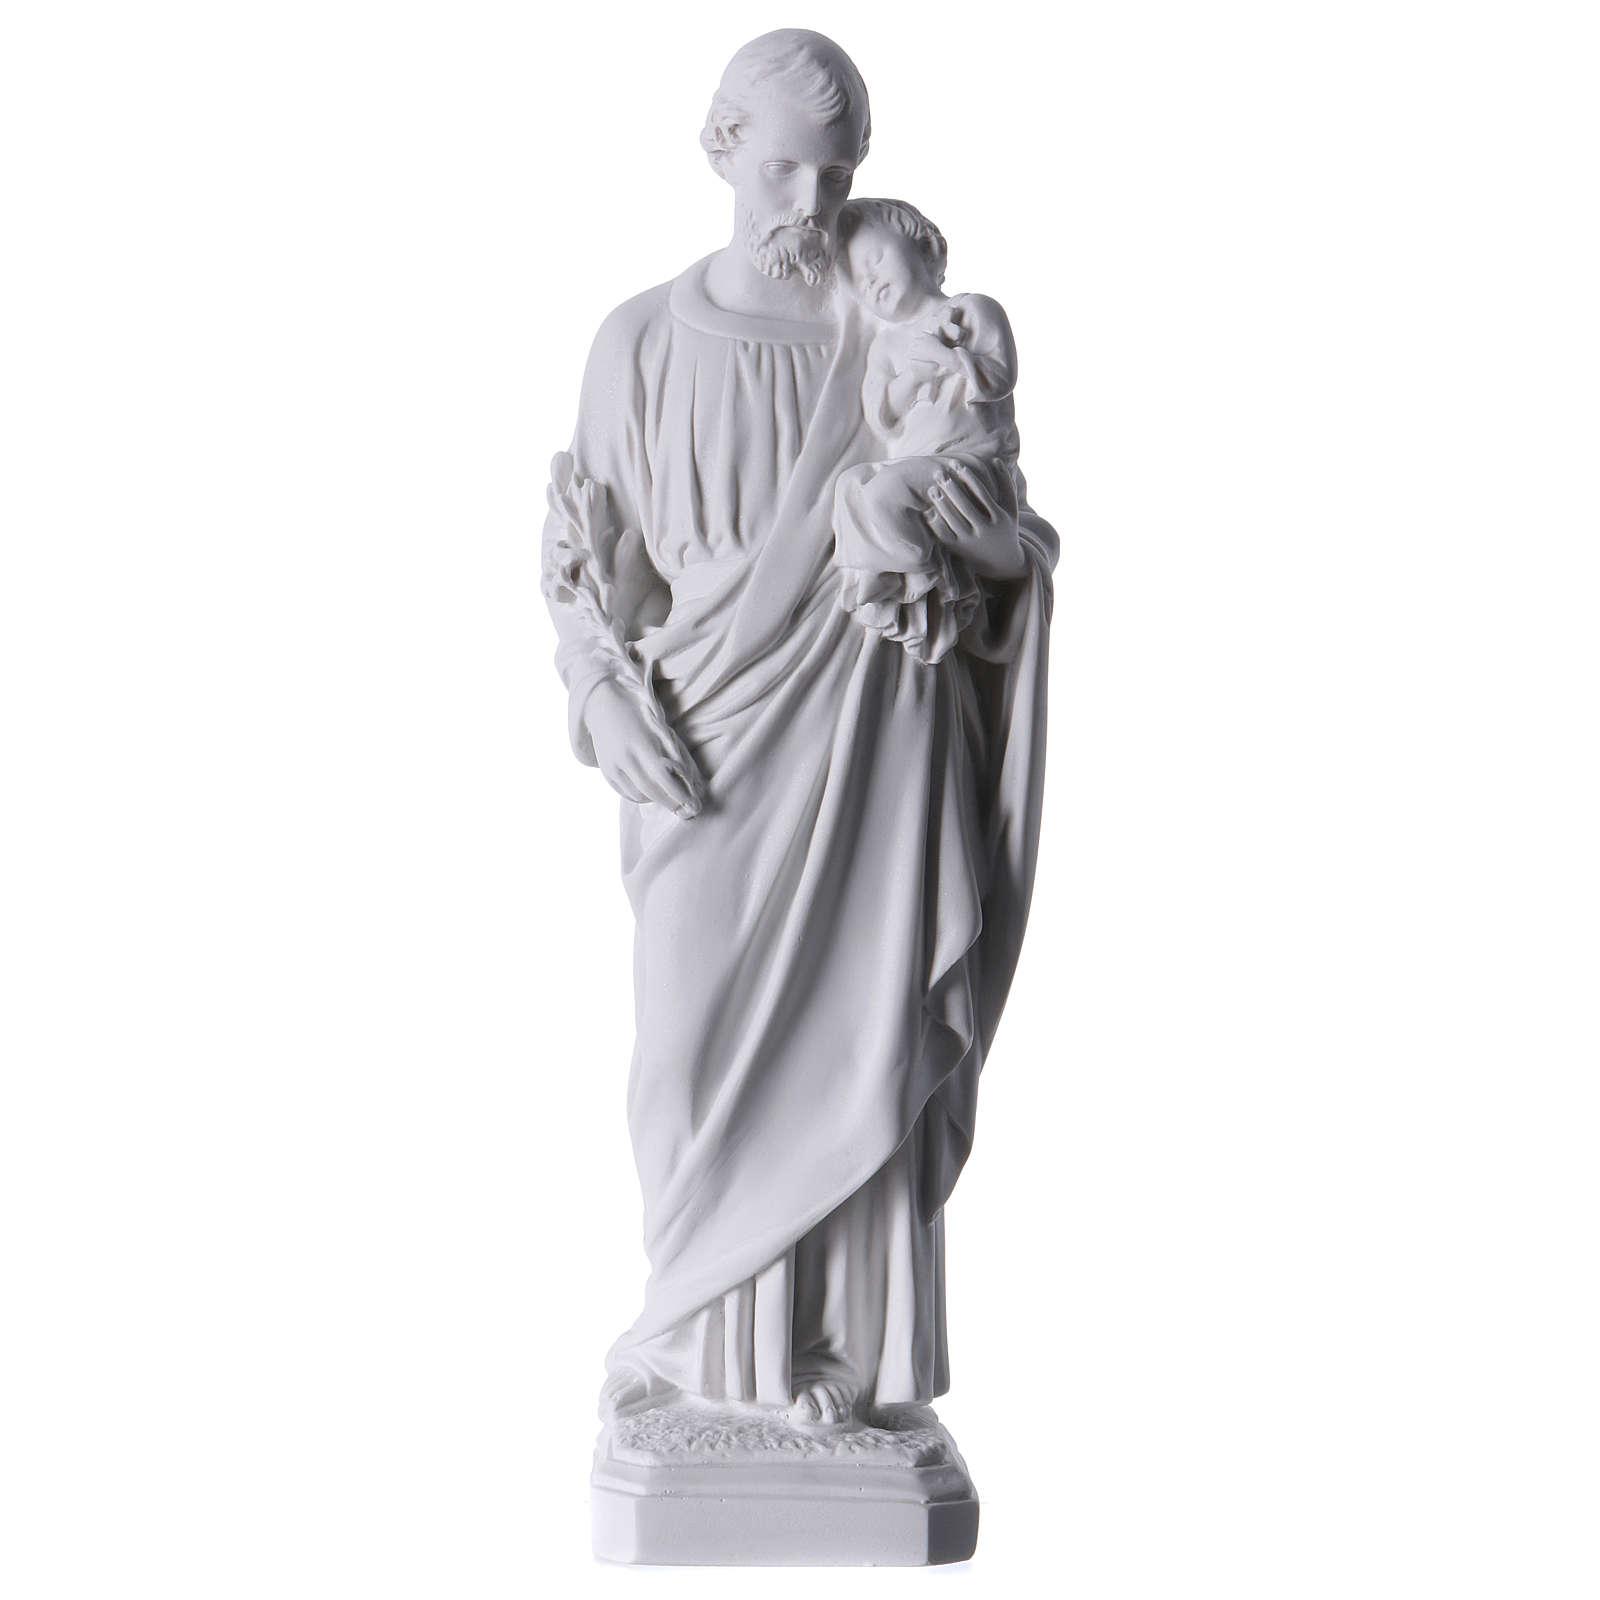 Heiliger Joseph Marmorpulver Statue 30-40 cm 4